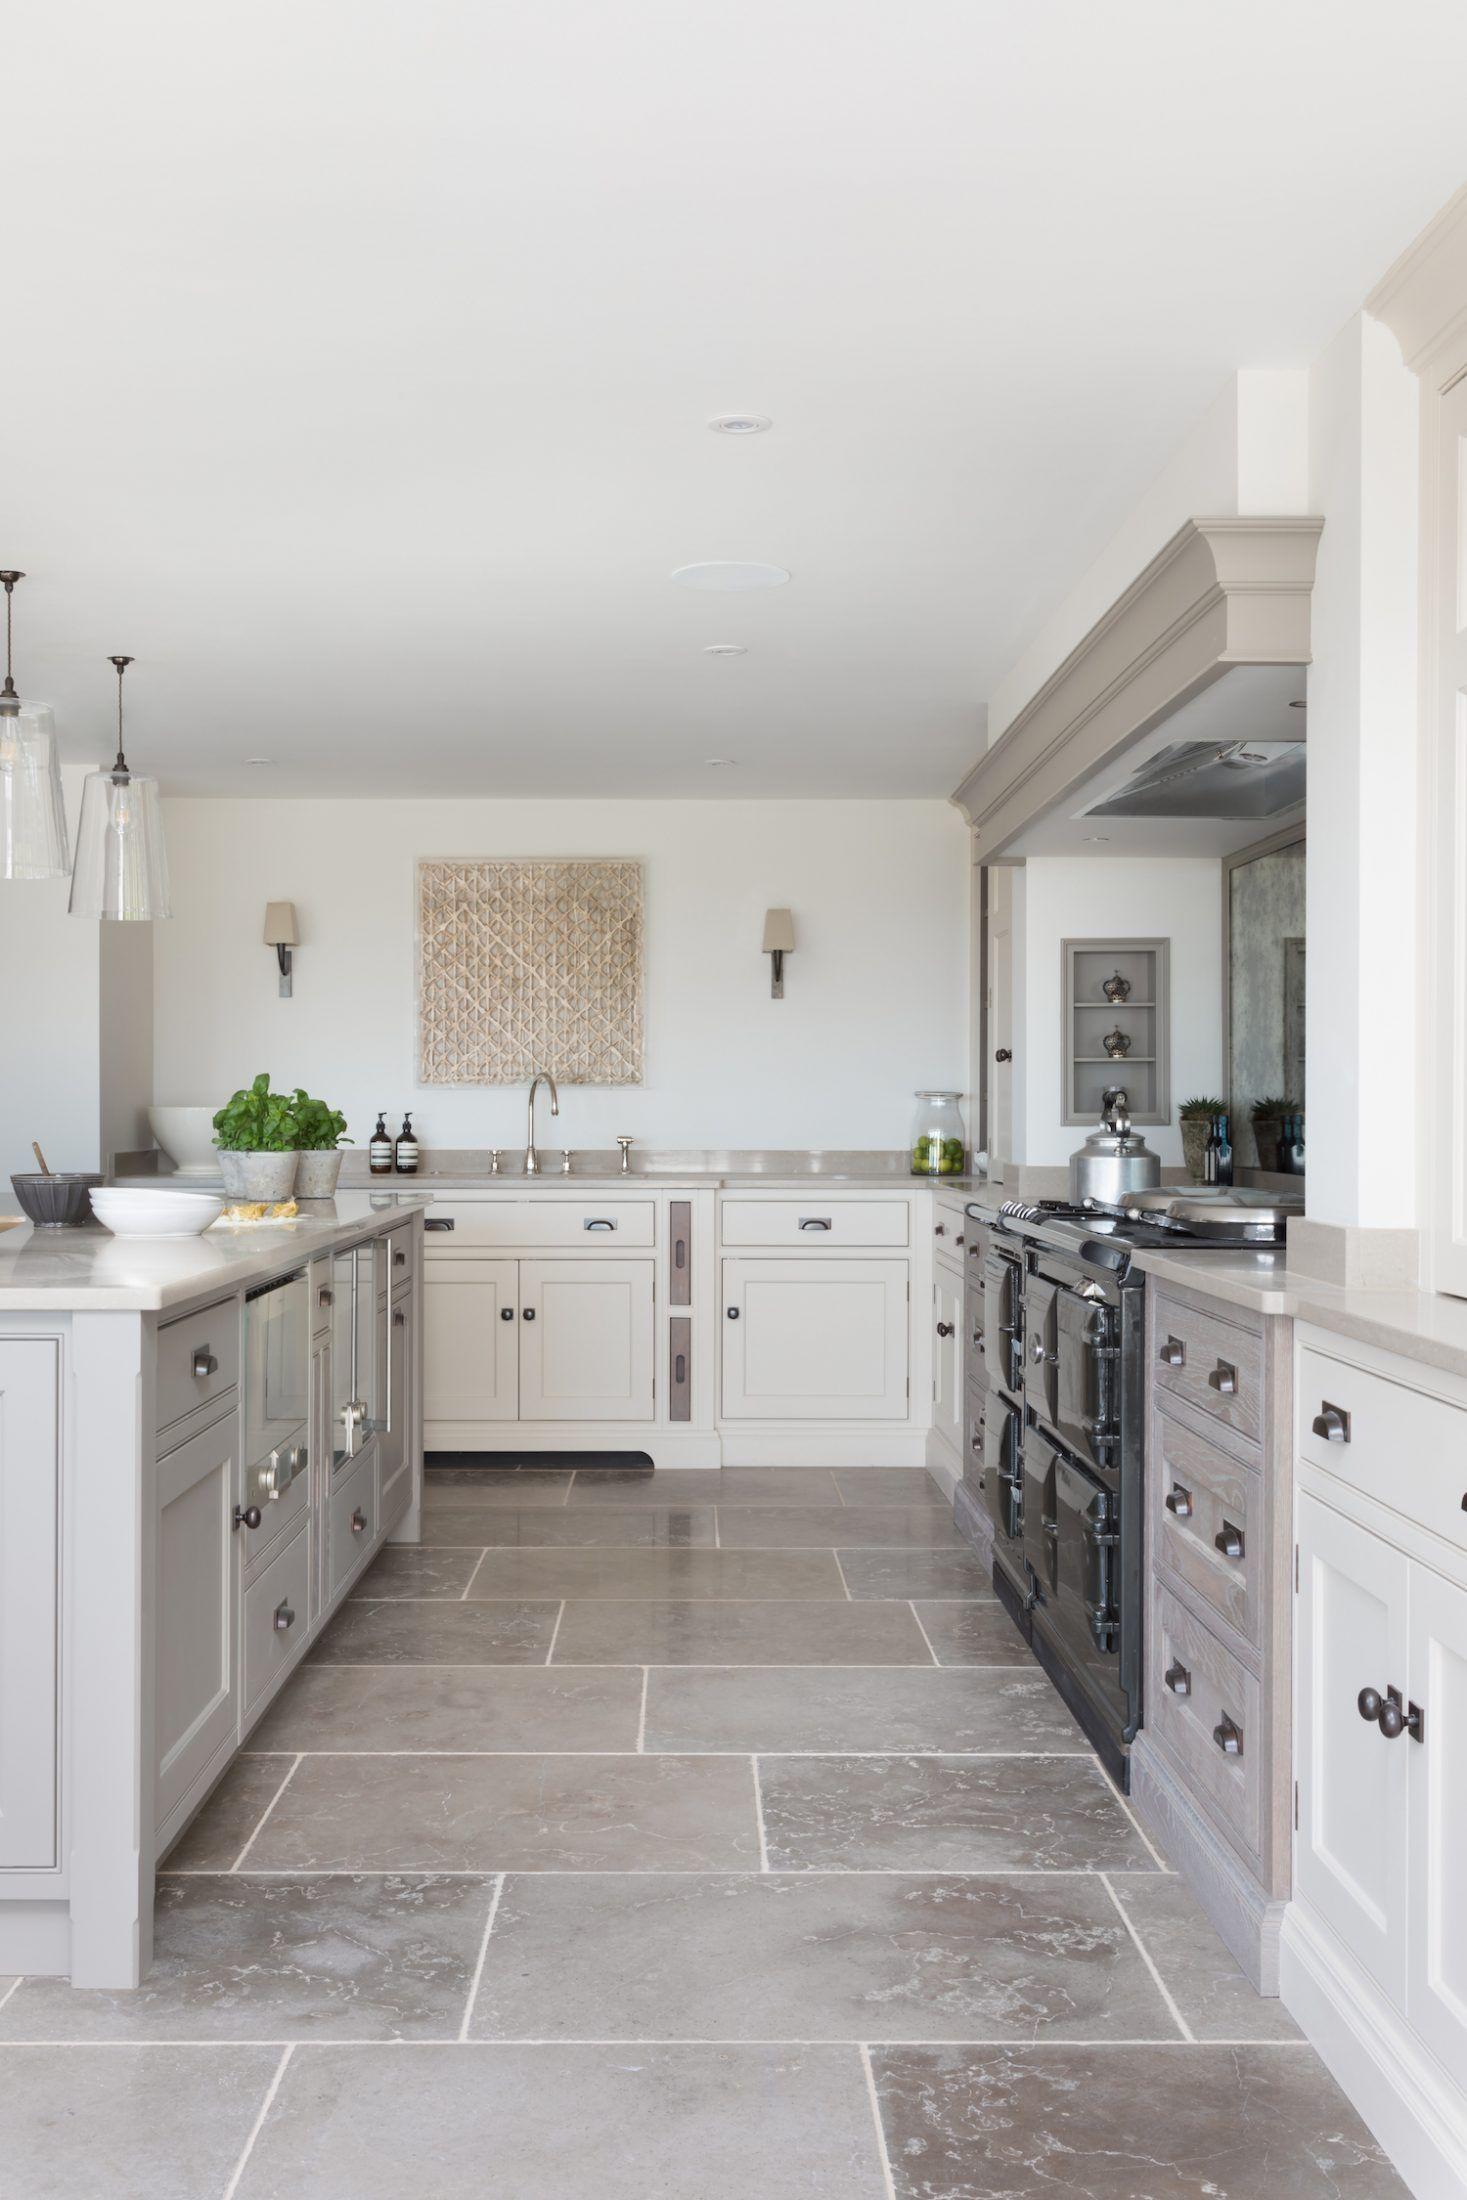 Pin By Elaine Yip On Tile Flooring Floor Tile Design Kitchen Floor Tile Ceramic Floor Tile